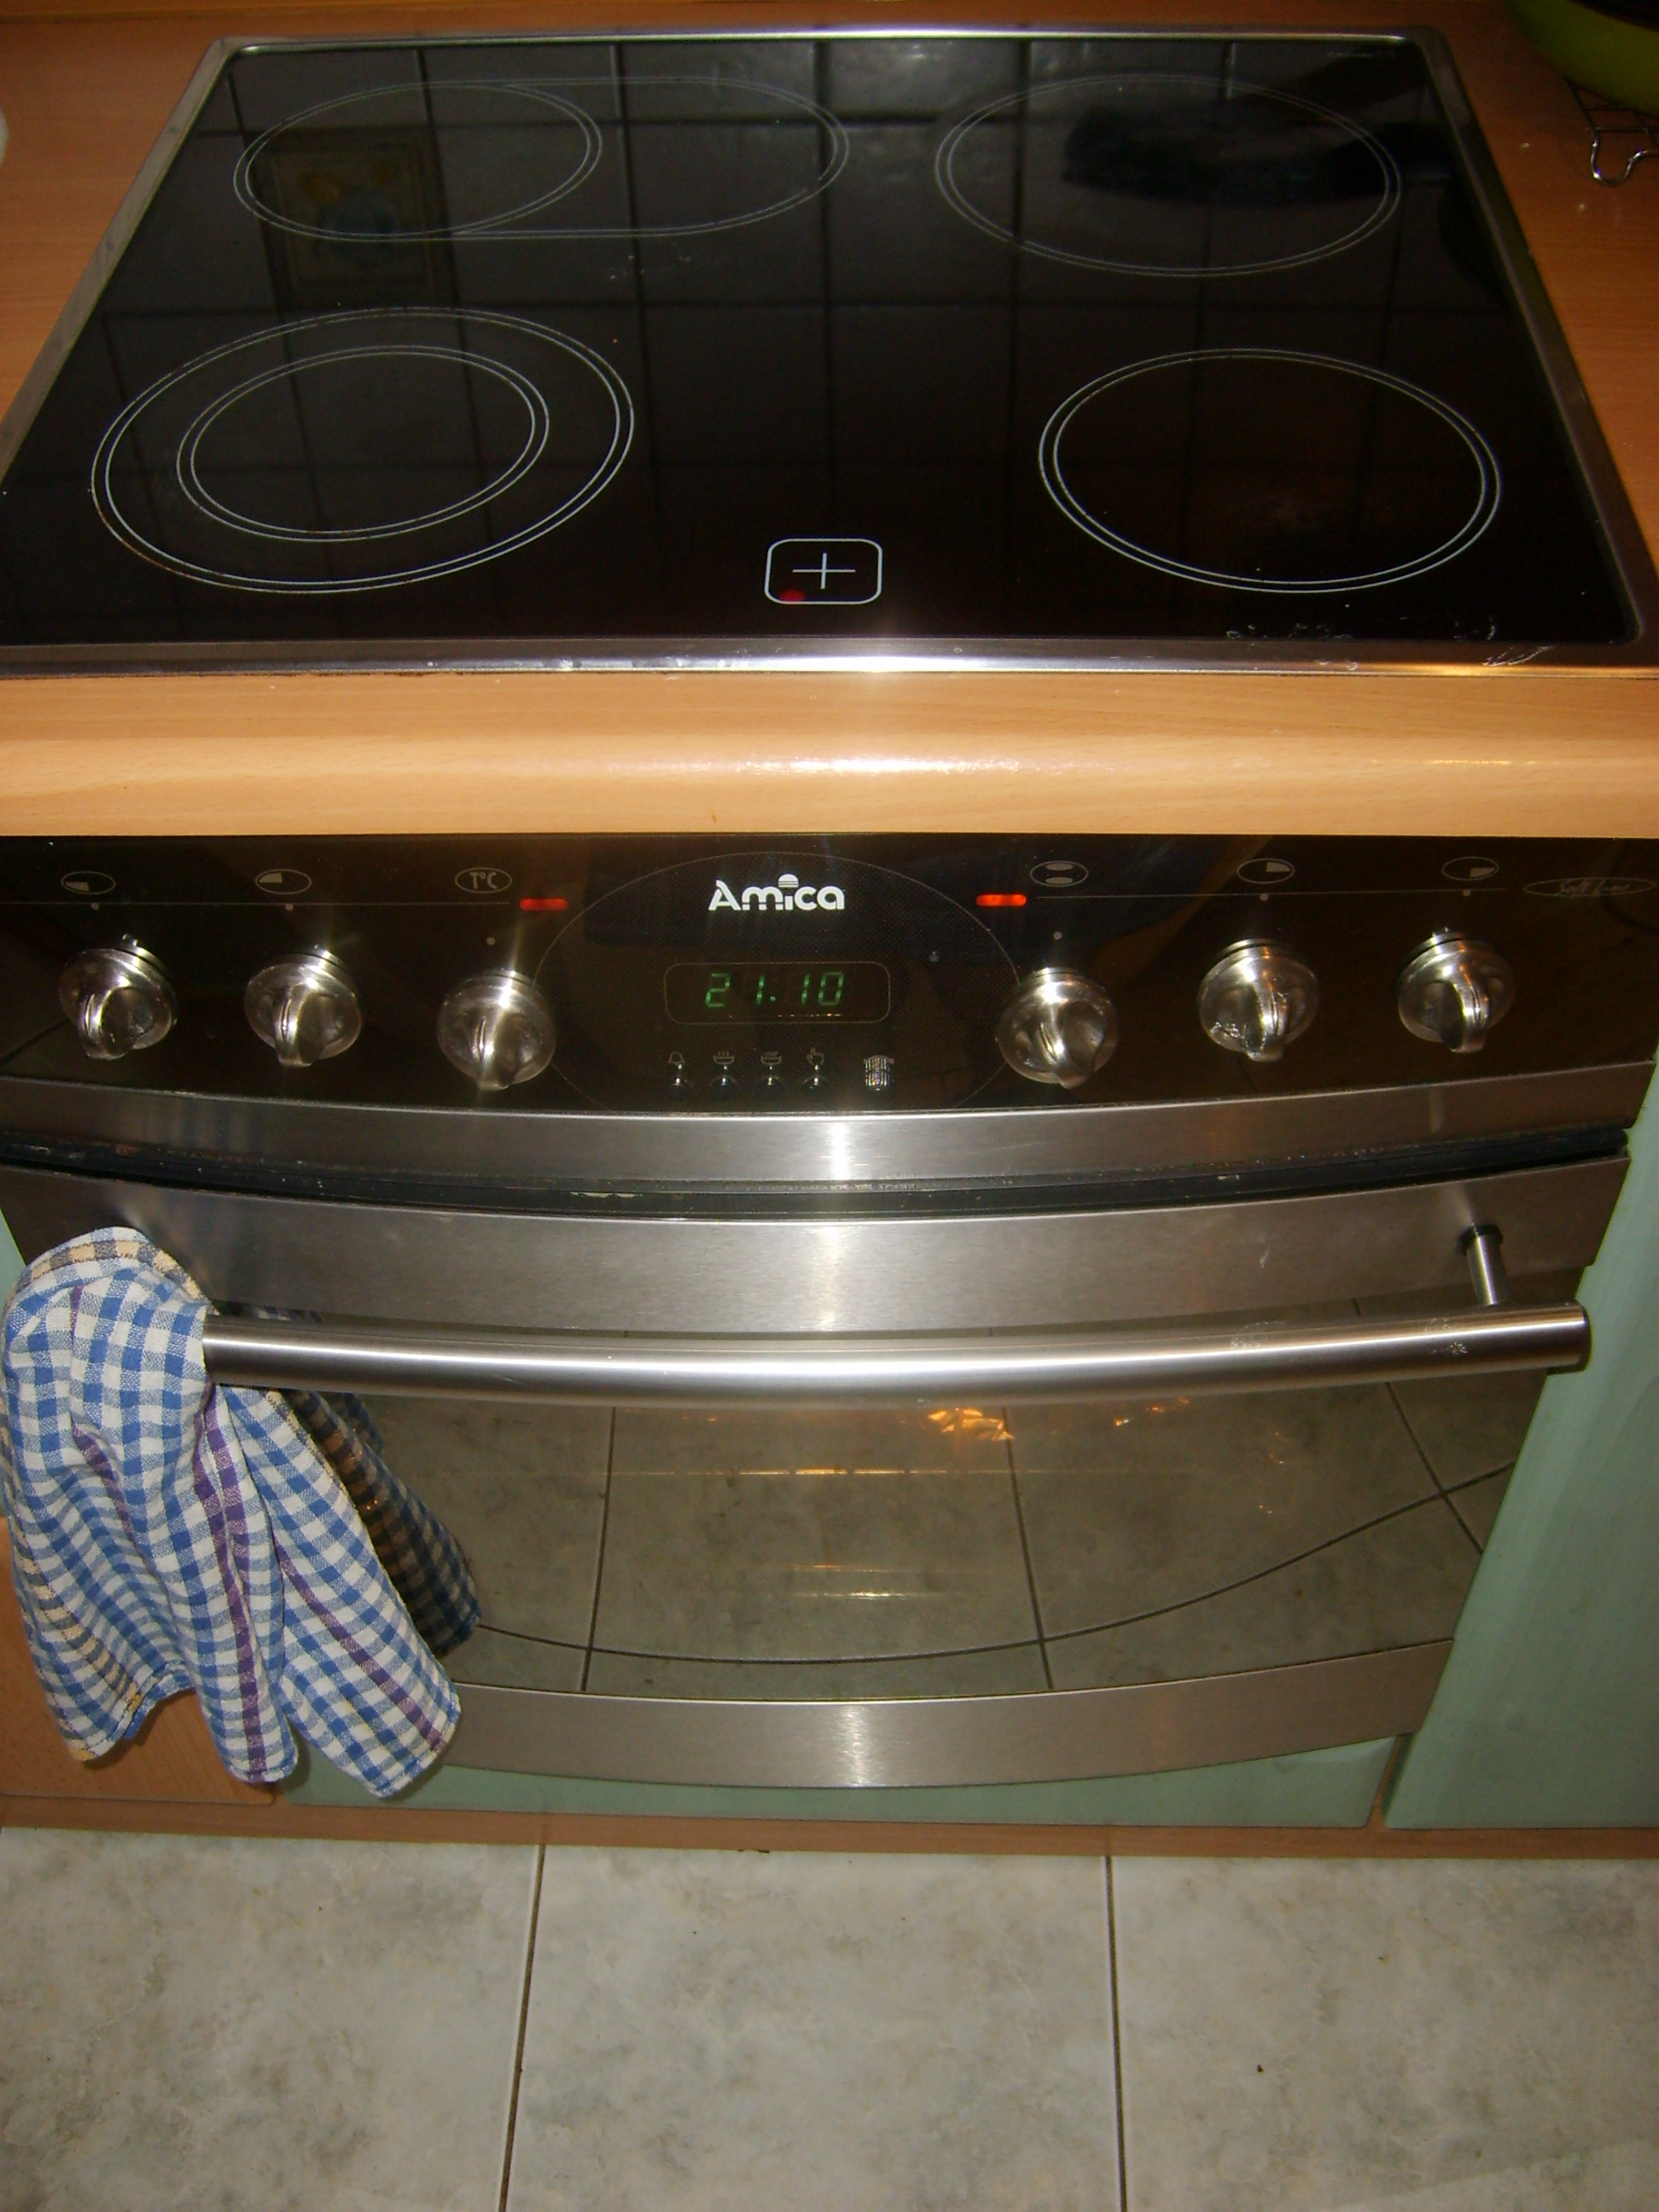 Szukam instrukcji do kuchni Amica SoftLine  zdjęcie , model nieznany